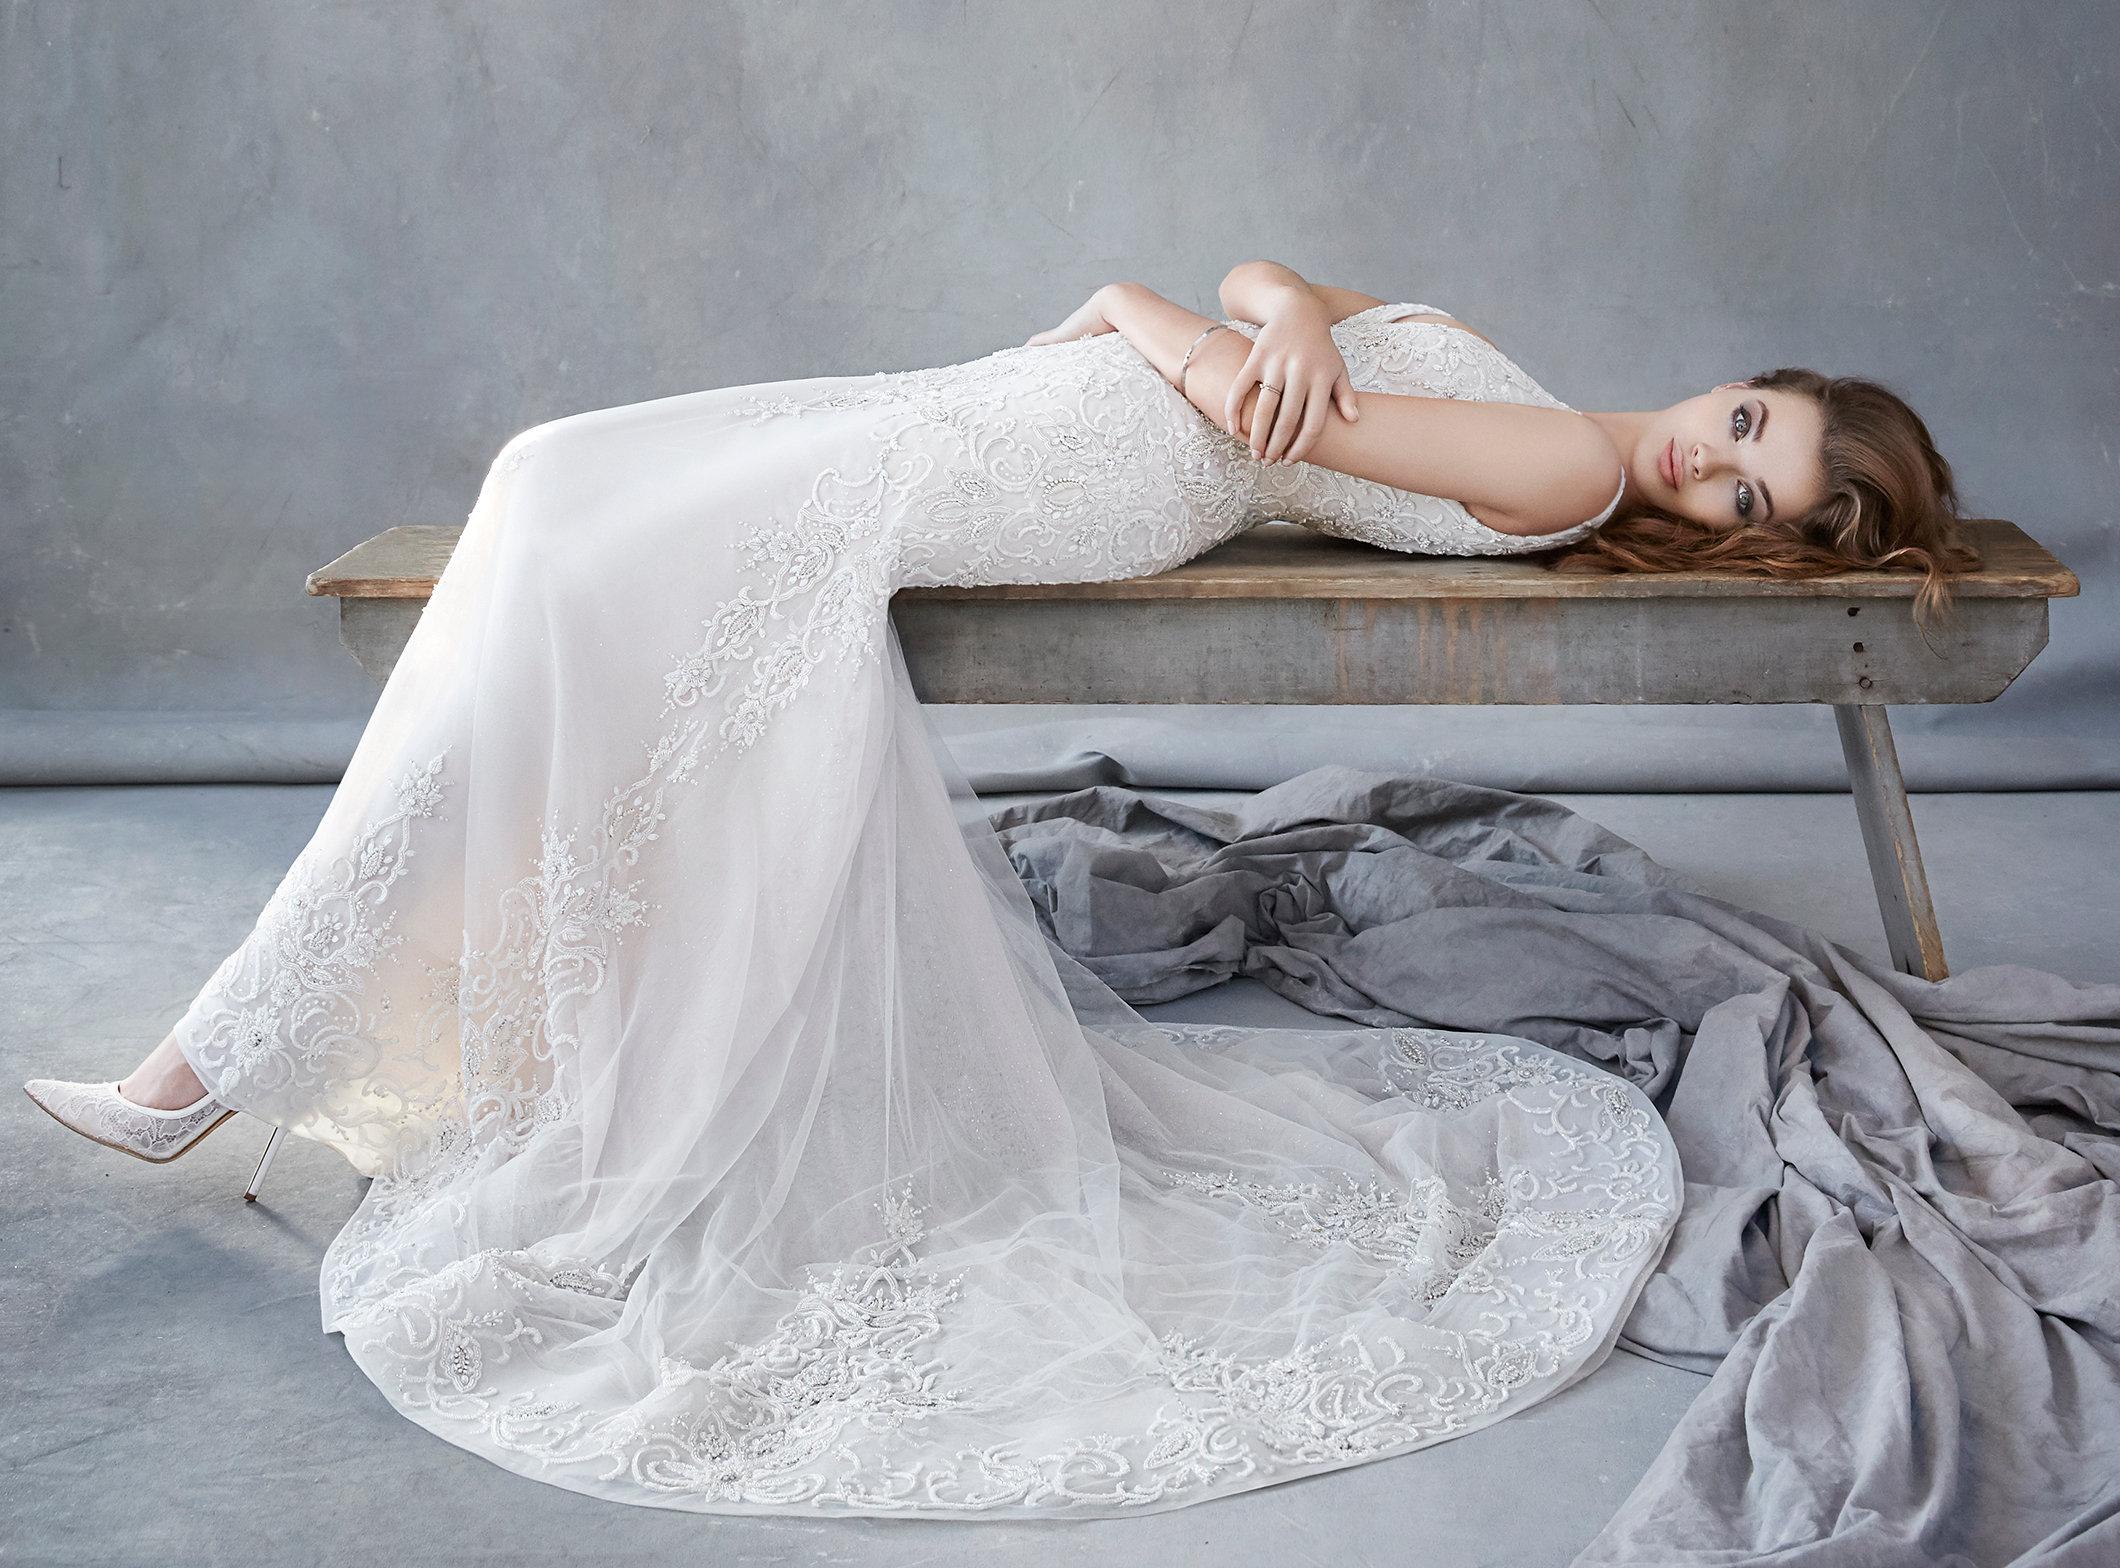 マーメイドラインのウェディングドレスは、ラインの特徴からスタイリッシュなイメージが強いですが、ラザロのマーメイドラインは女性の華やかさや優しさも感じられる